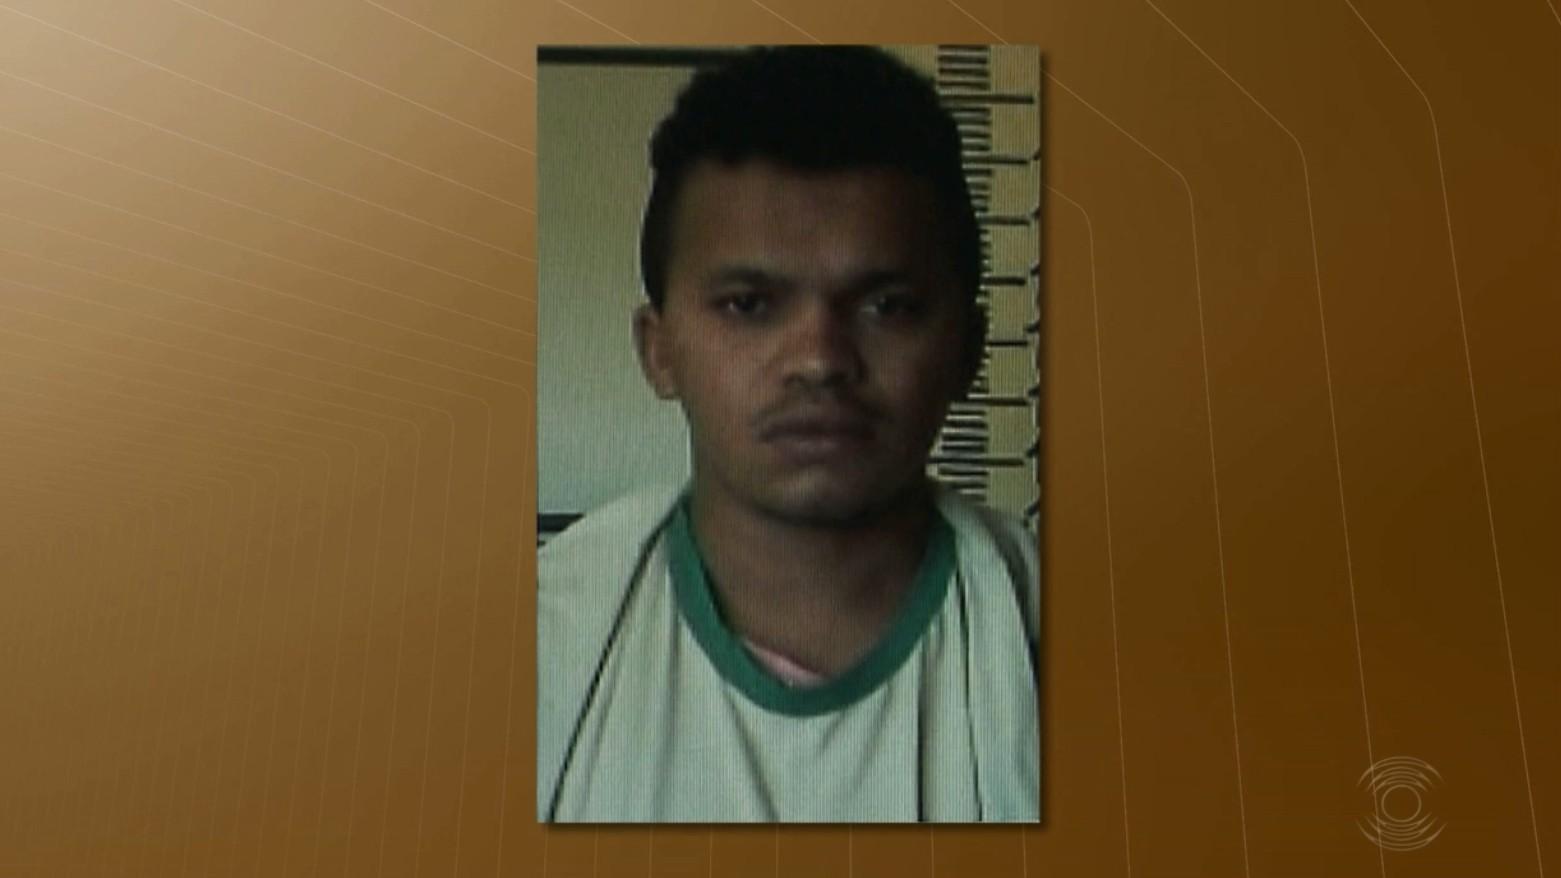 Decretada prisão preventiva do suspeito de sequestrar criança em João Pessoa